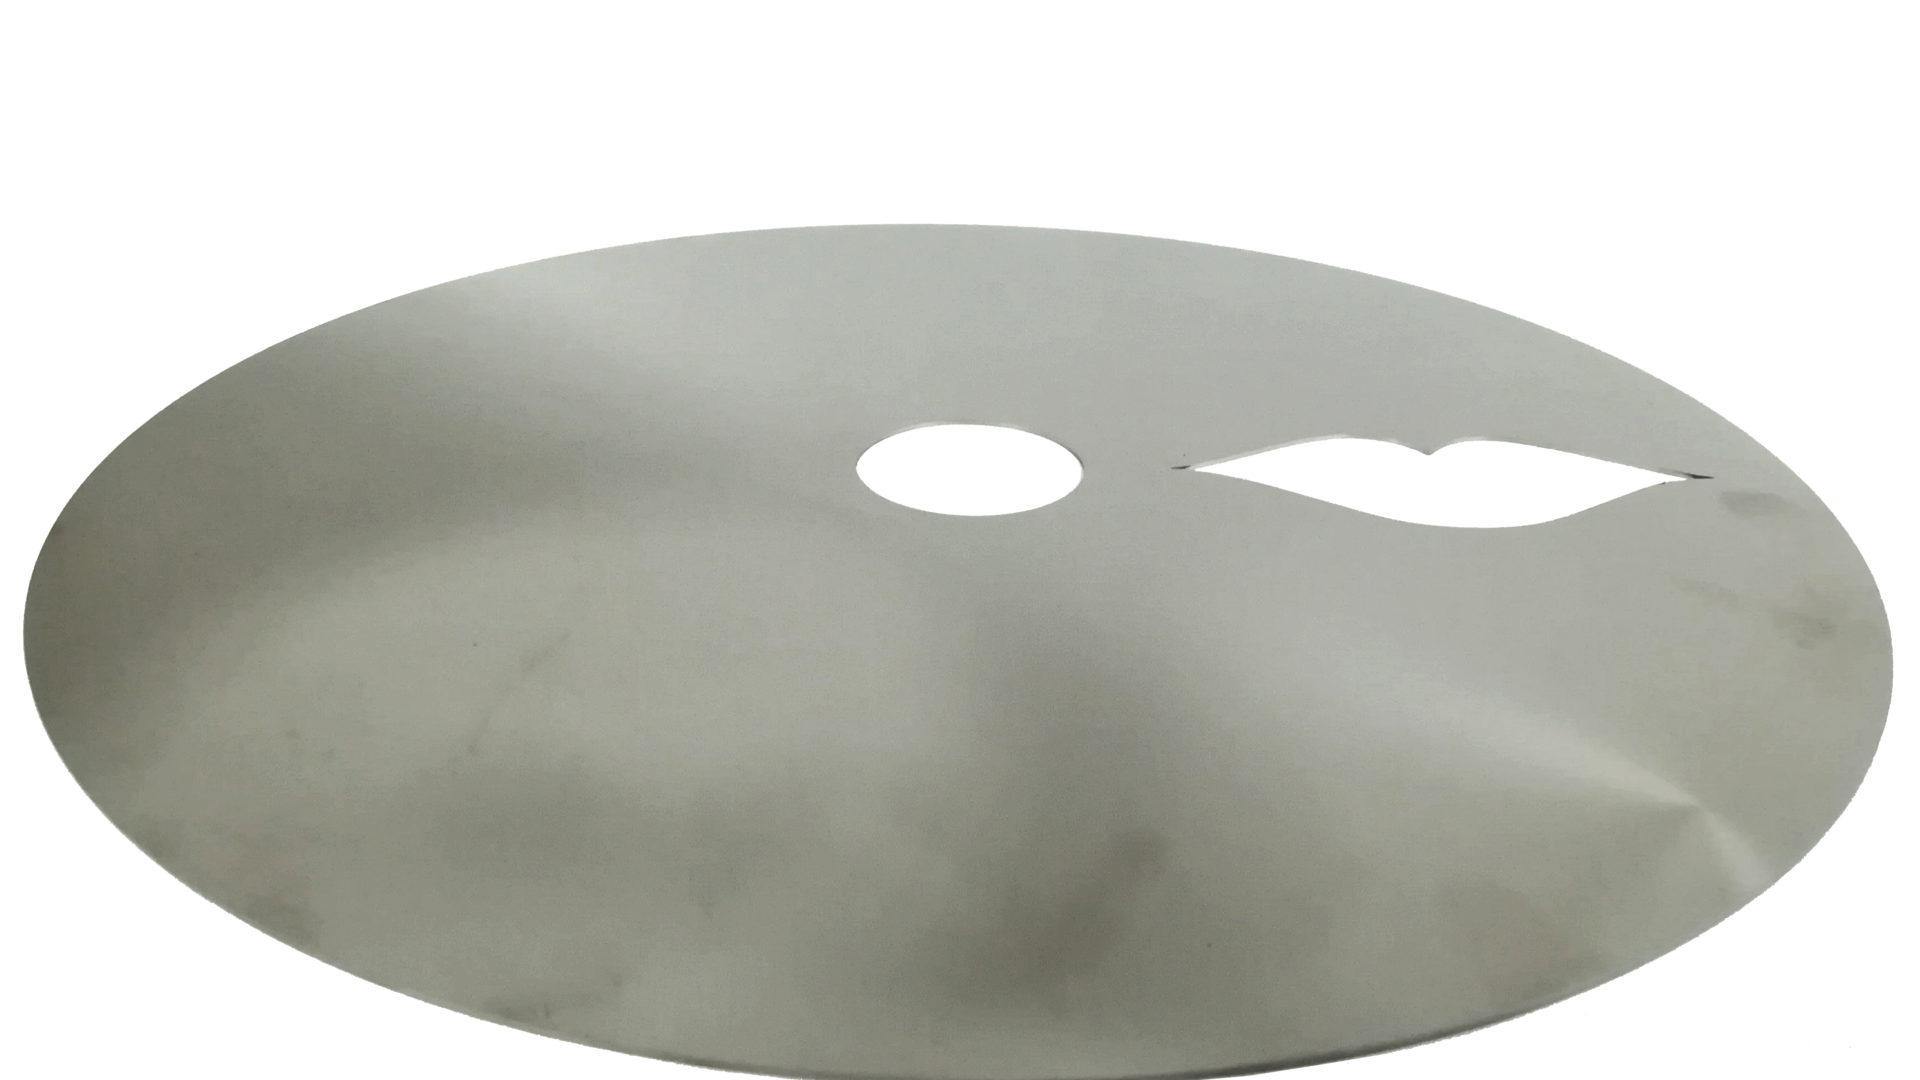 oggettistica lavorazione lamiera metallica